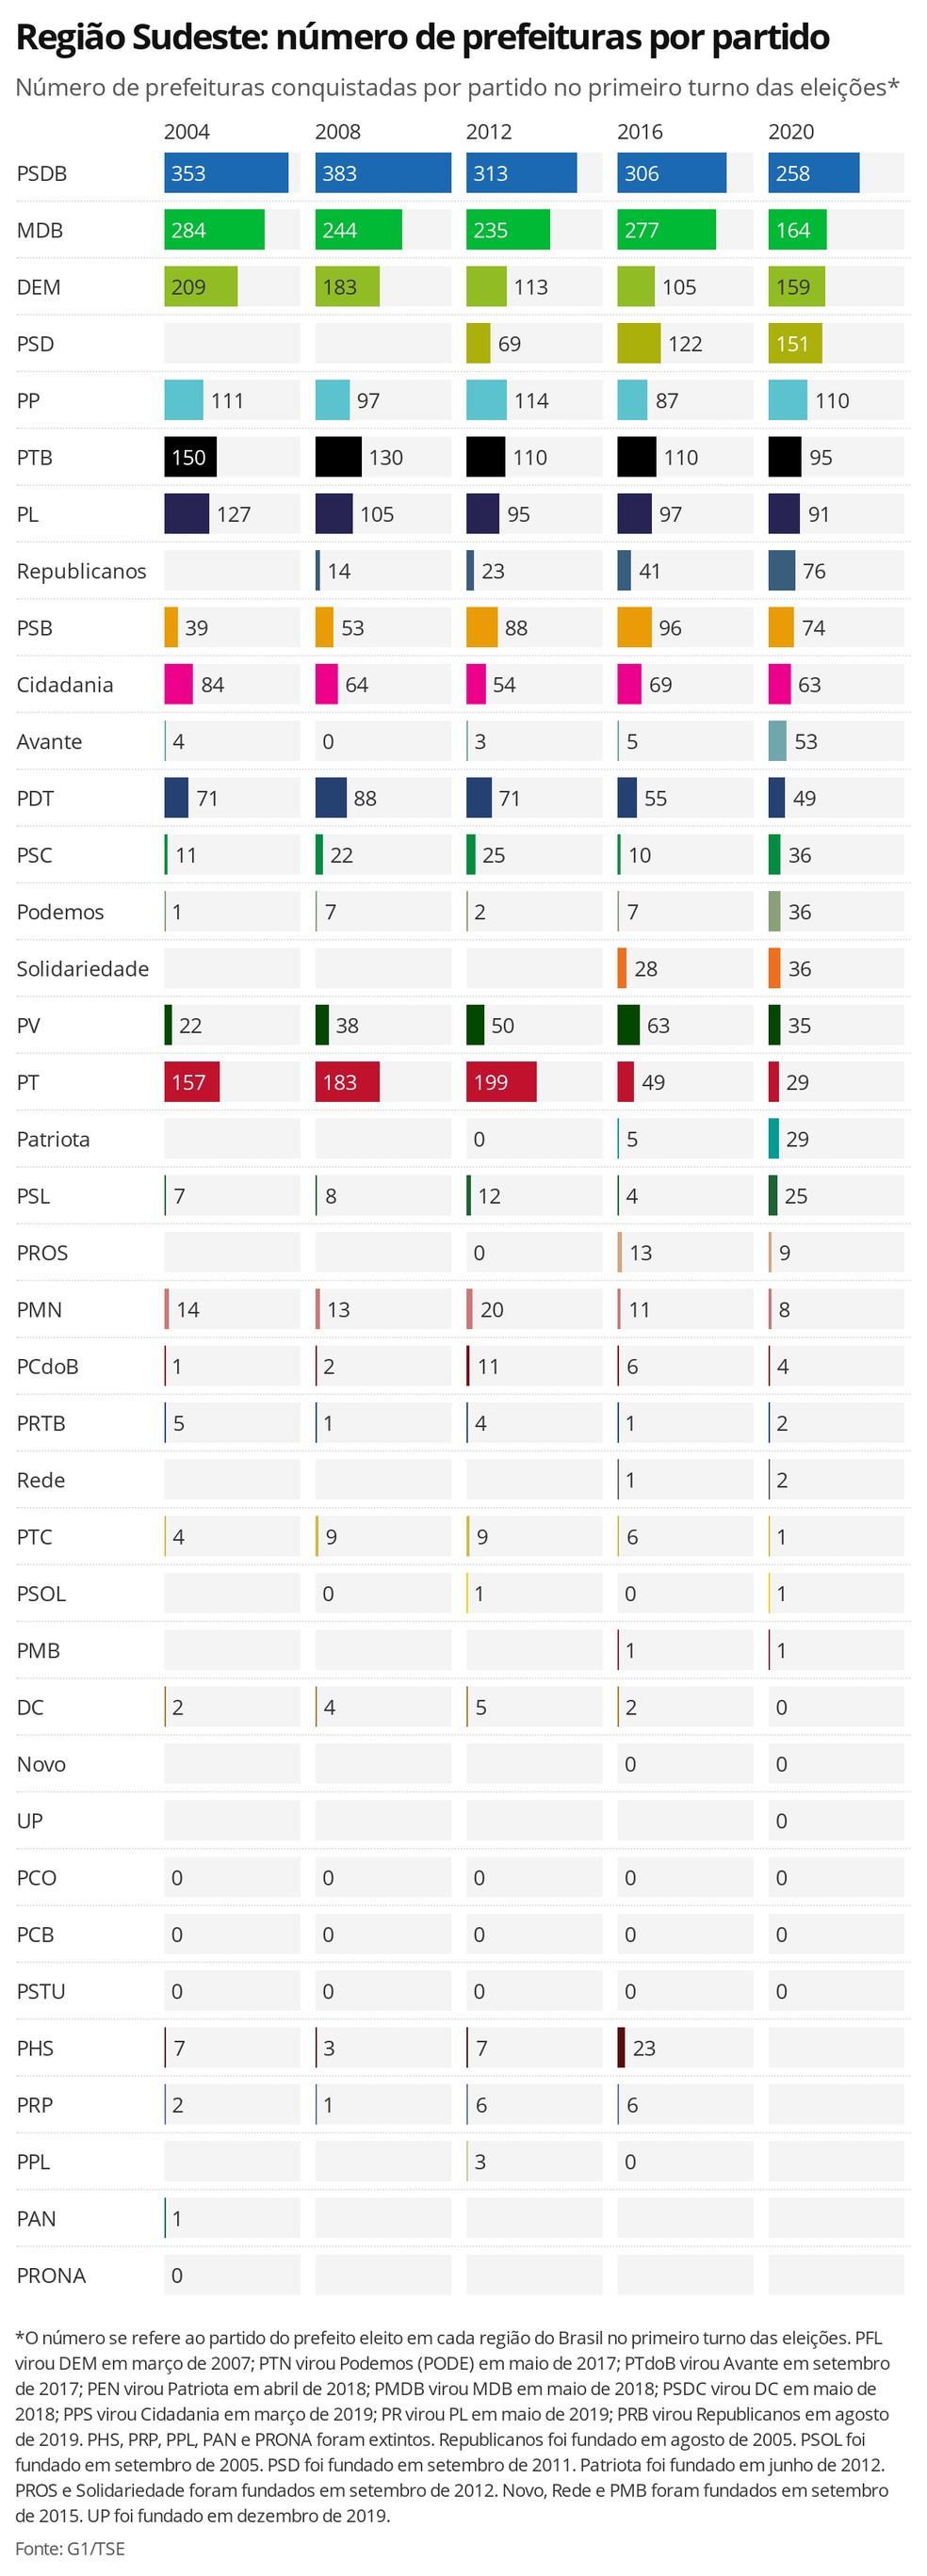 Região Sudeste: número de prefeituras por partido - Número de prefeituras conquistadas por partido no primeiro turno das eleições — Foto: Datawrapper / Gabriela Caesar